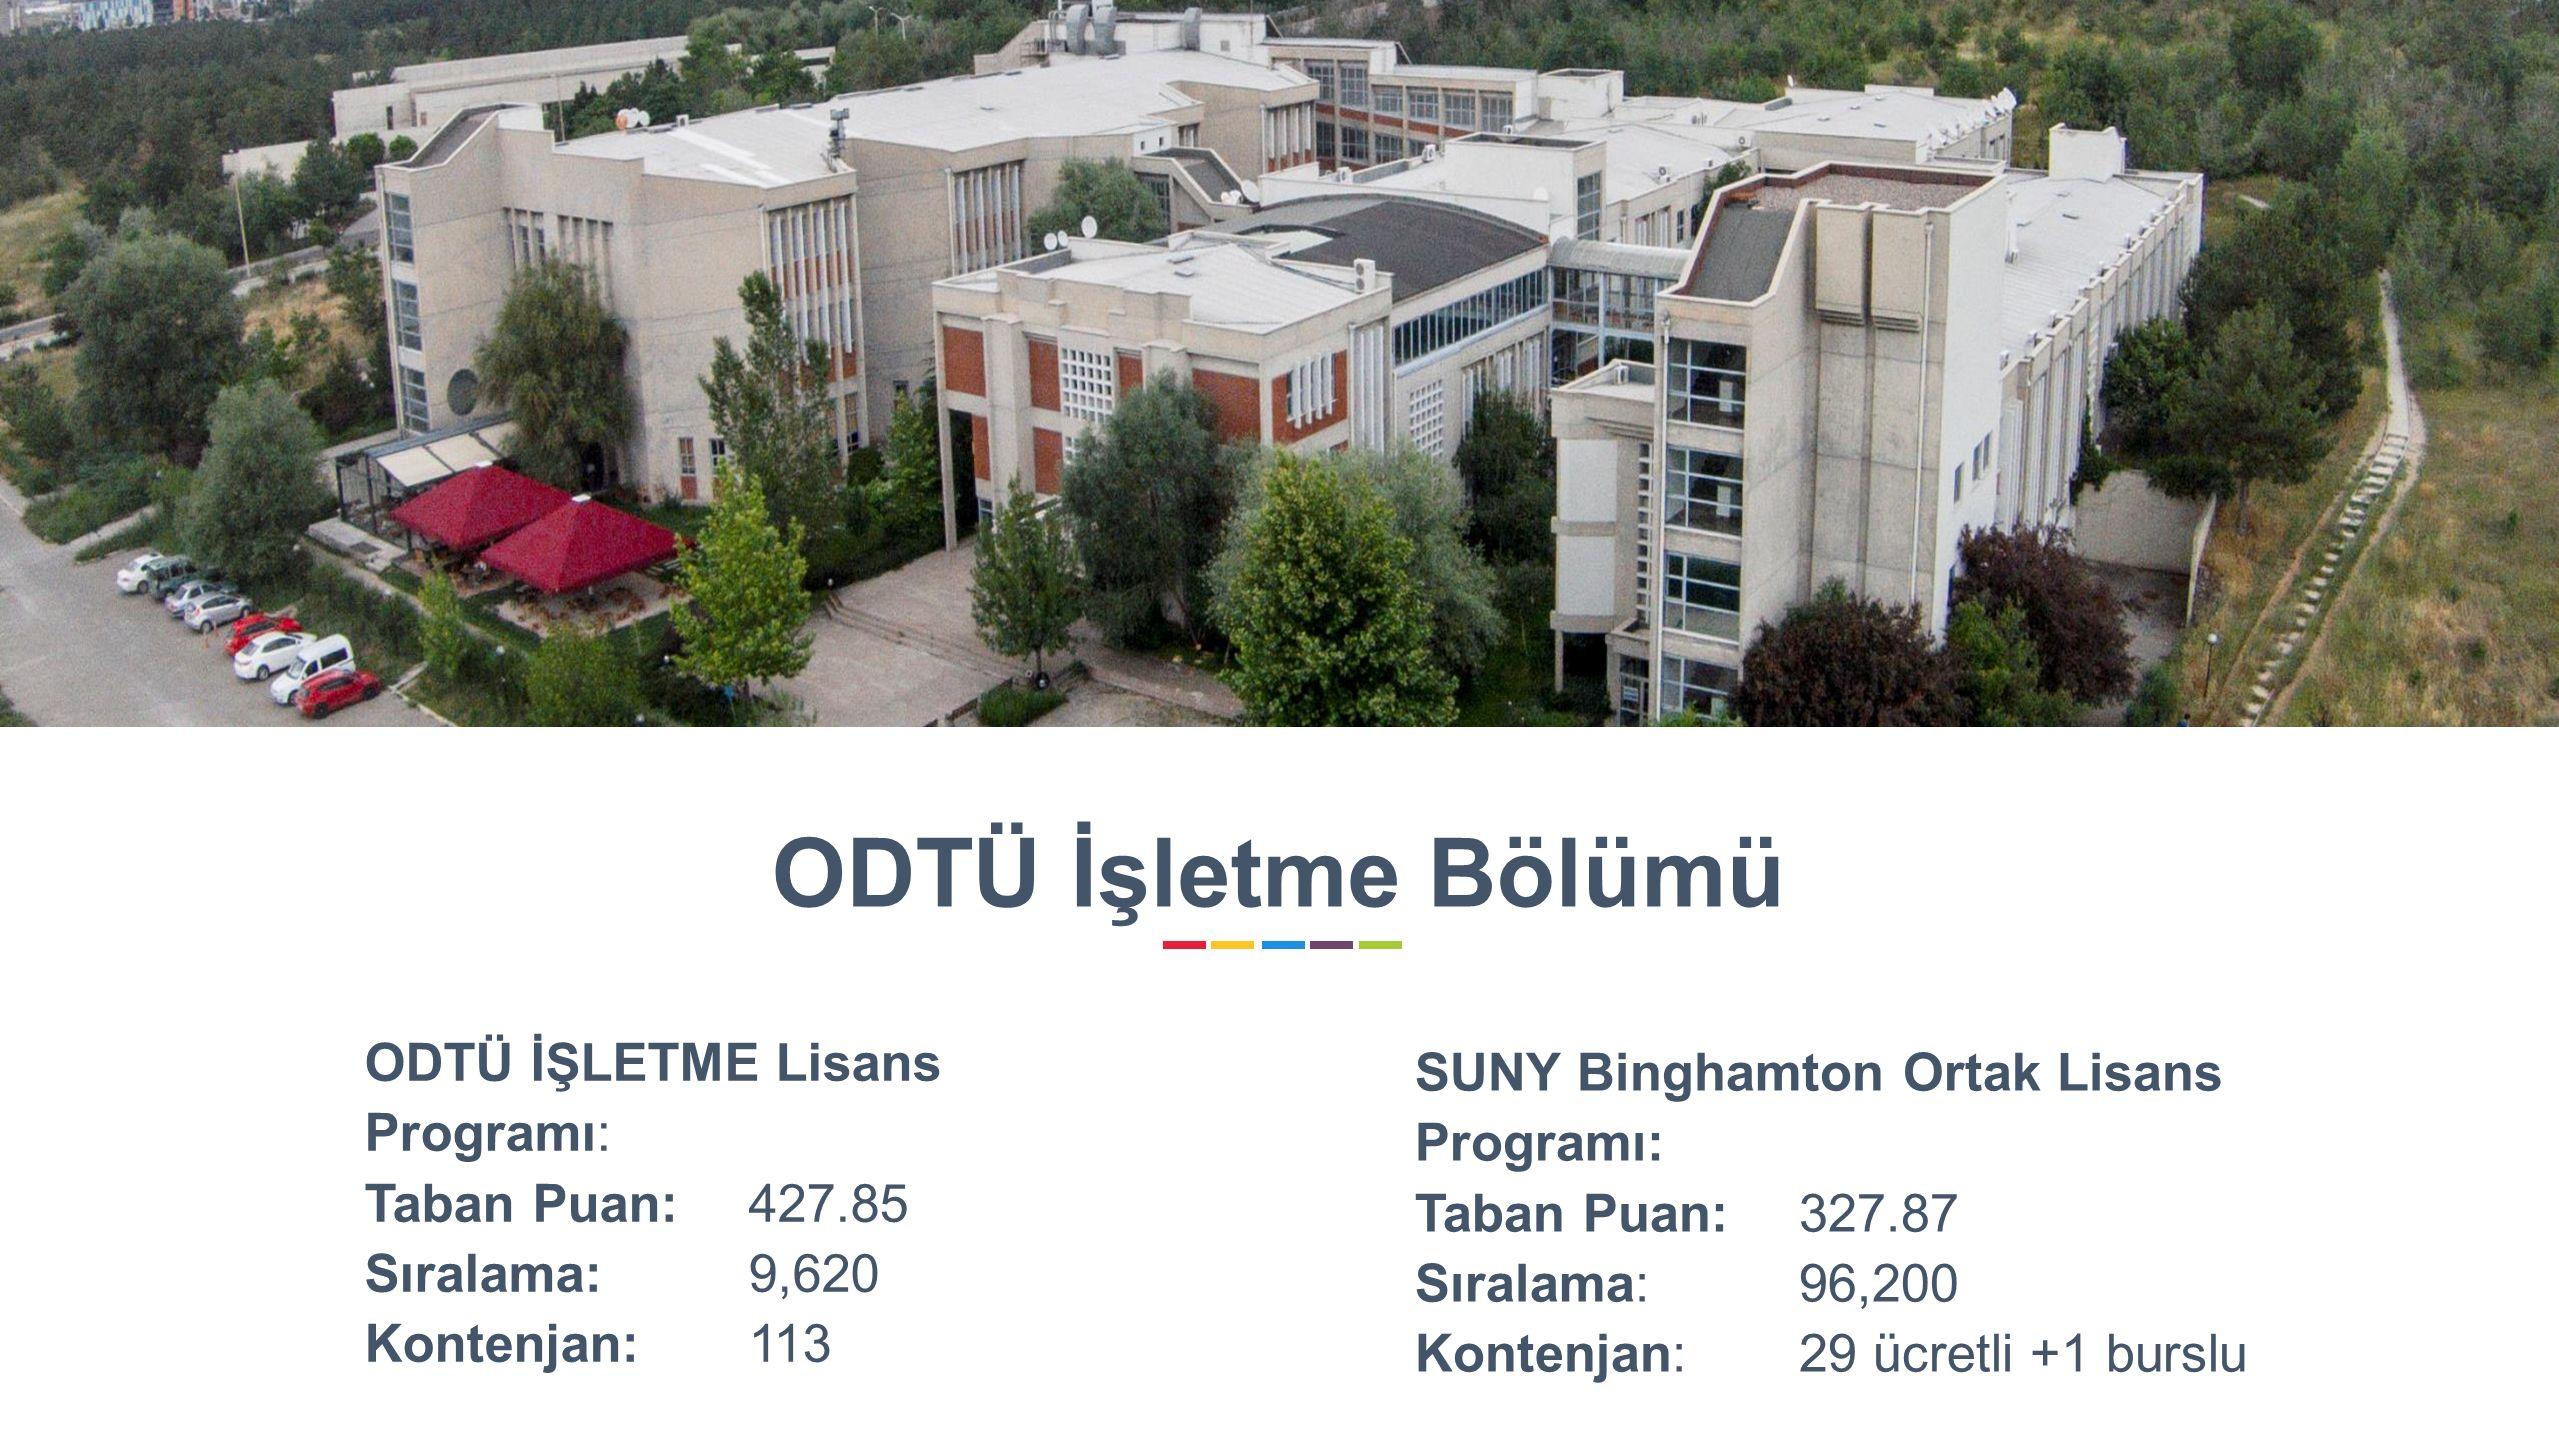 8 SUNY Binghamton Ortak Lisans Programı: Taban Puan: 327.87 Sıralama: 96,200 Kontenjan: 29 ücretli +1 burslu ODTÜ İŞLETME Lisans Programı: Taban Puan: 427.85 Sıralama: 9,620 Kontenjan: 113 ODTÜ İşletme Bölümü